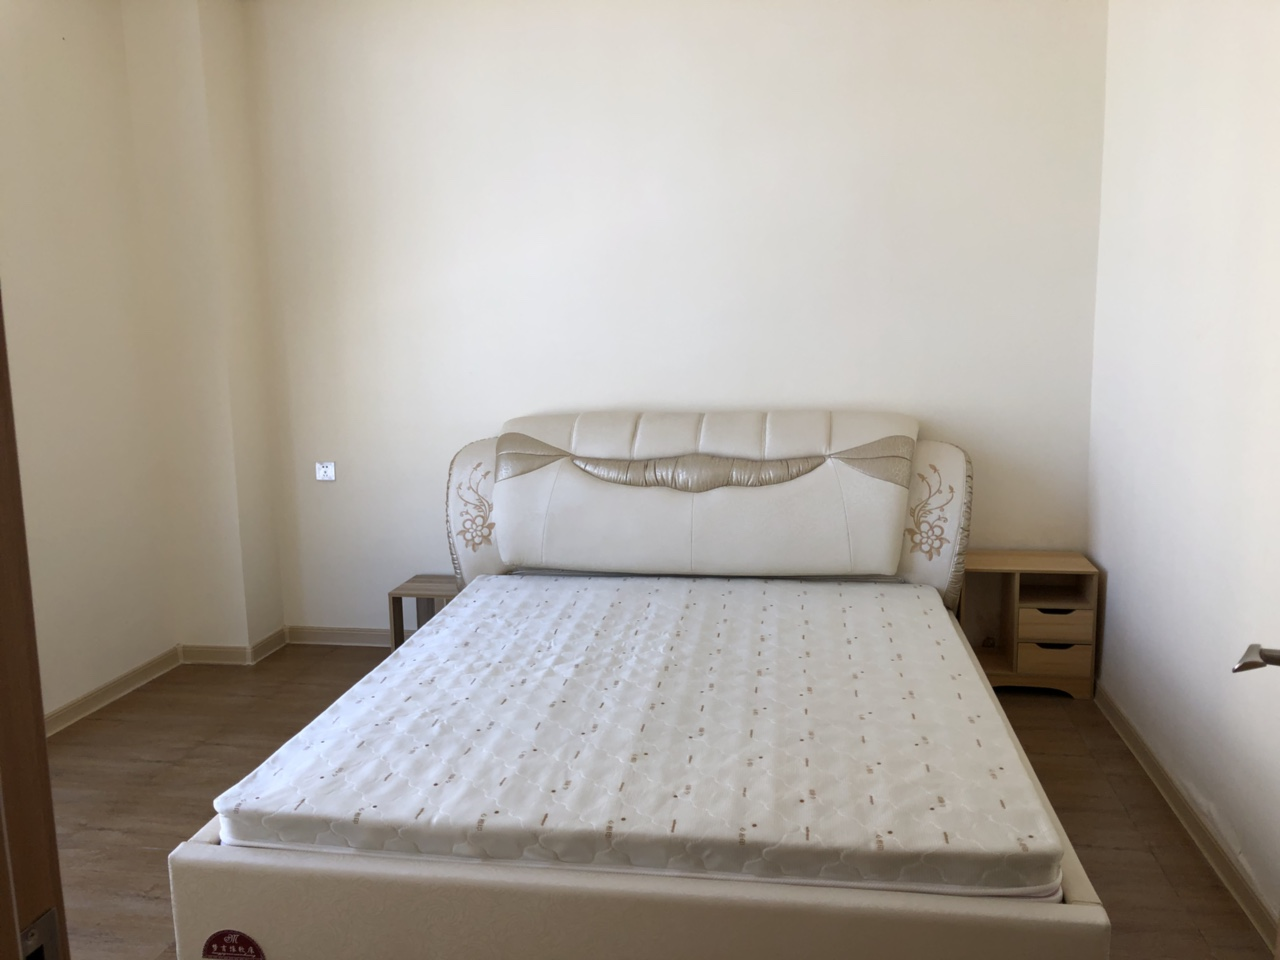 维斯登公寓1室 1厅 1卫 1800